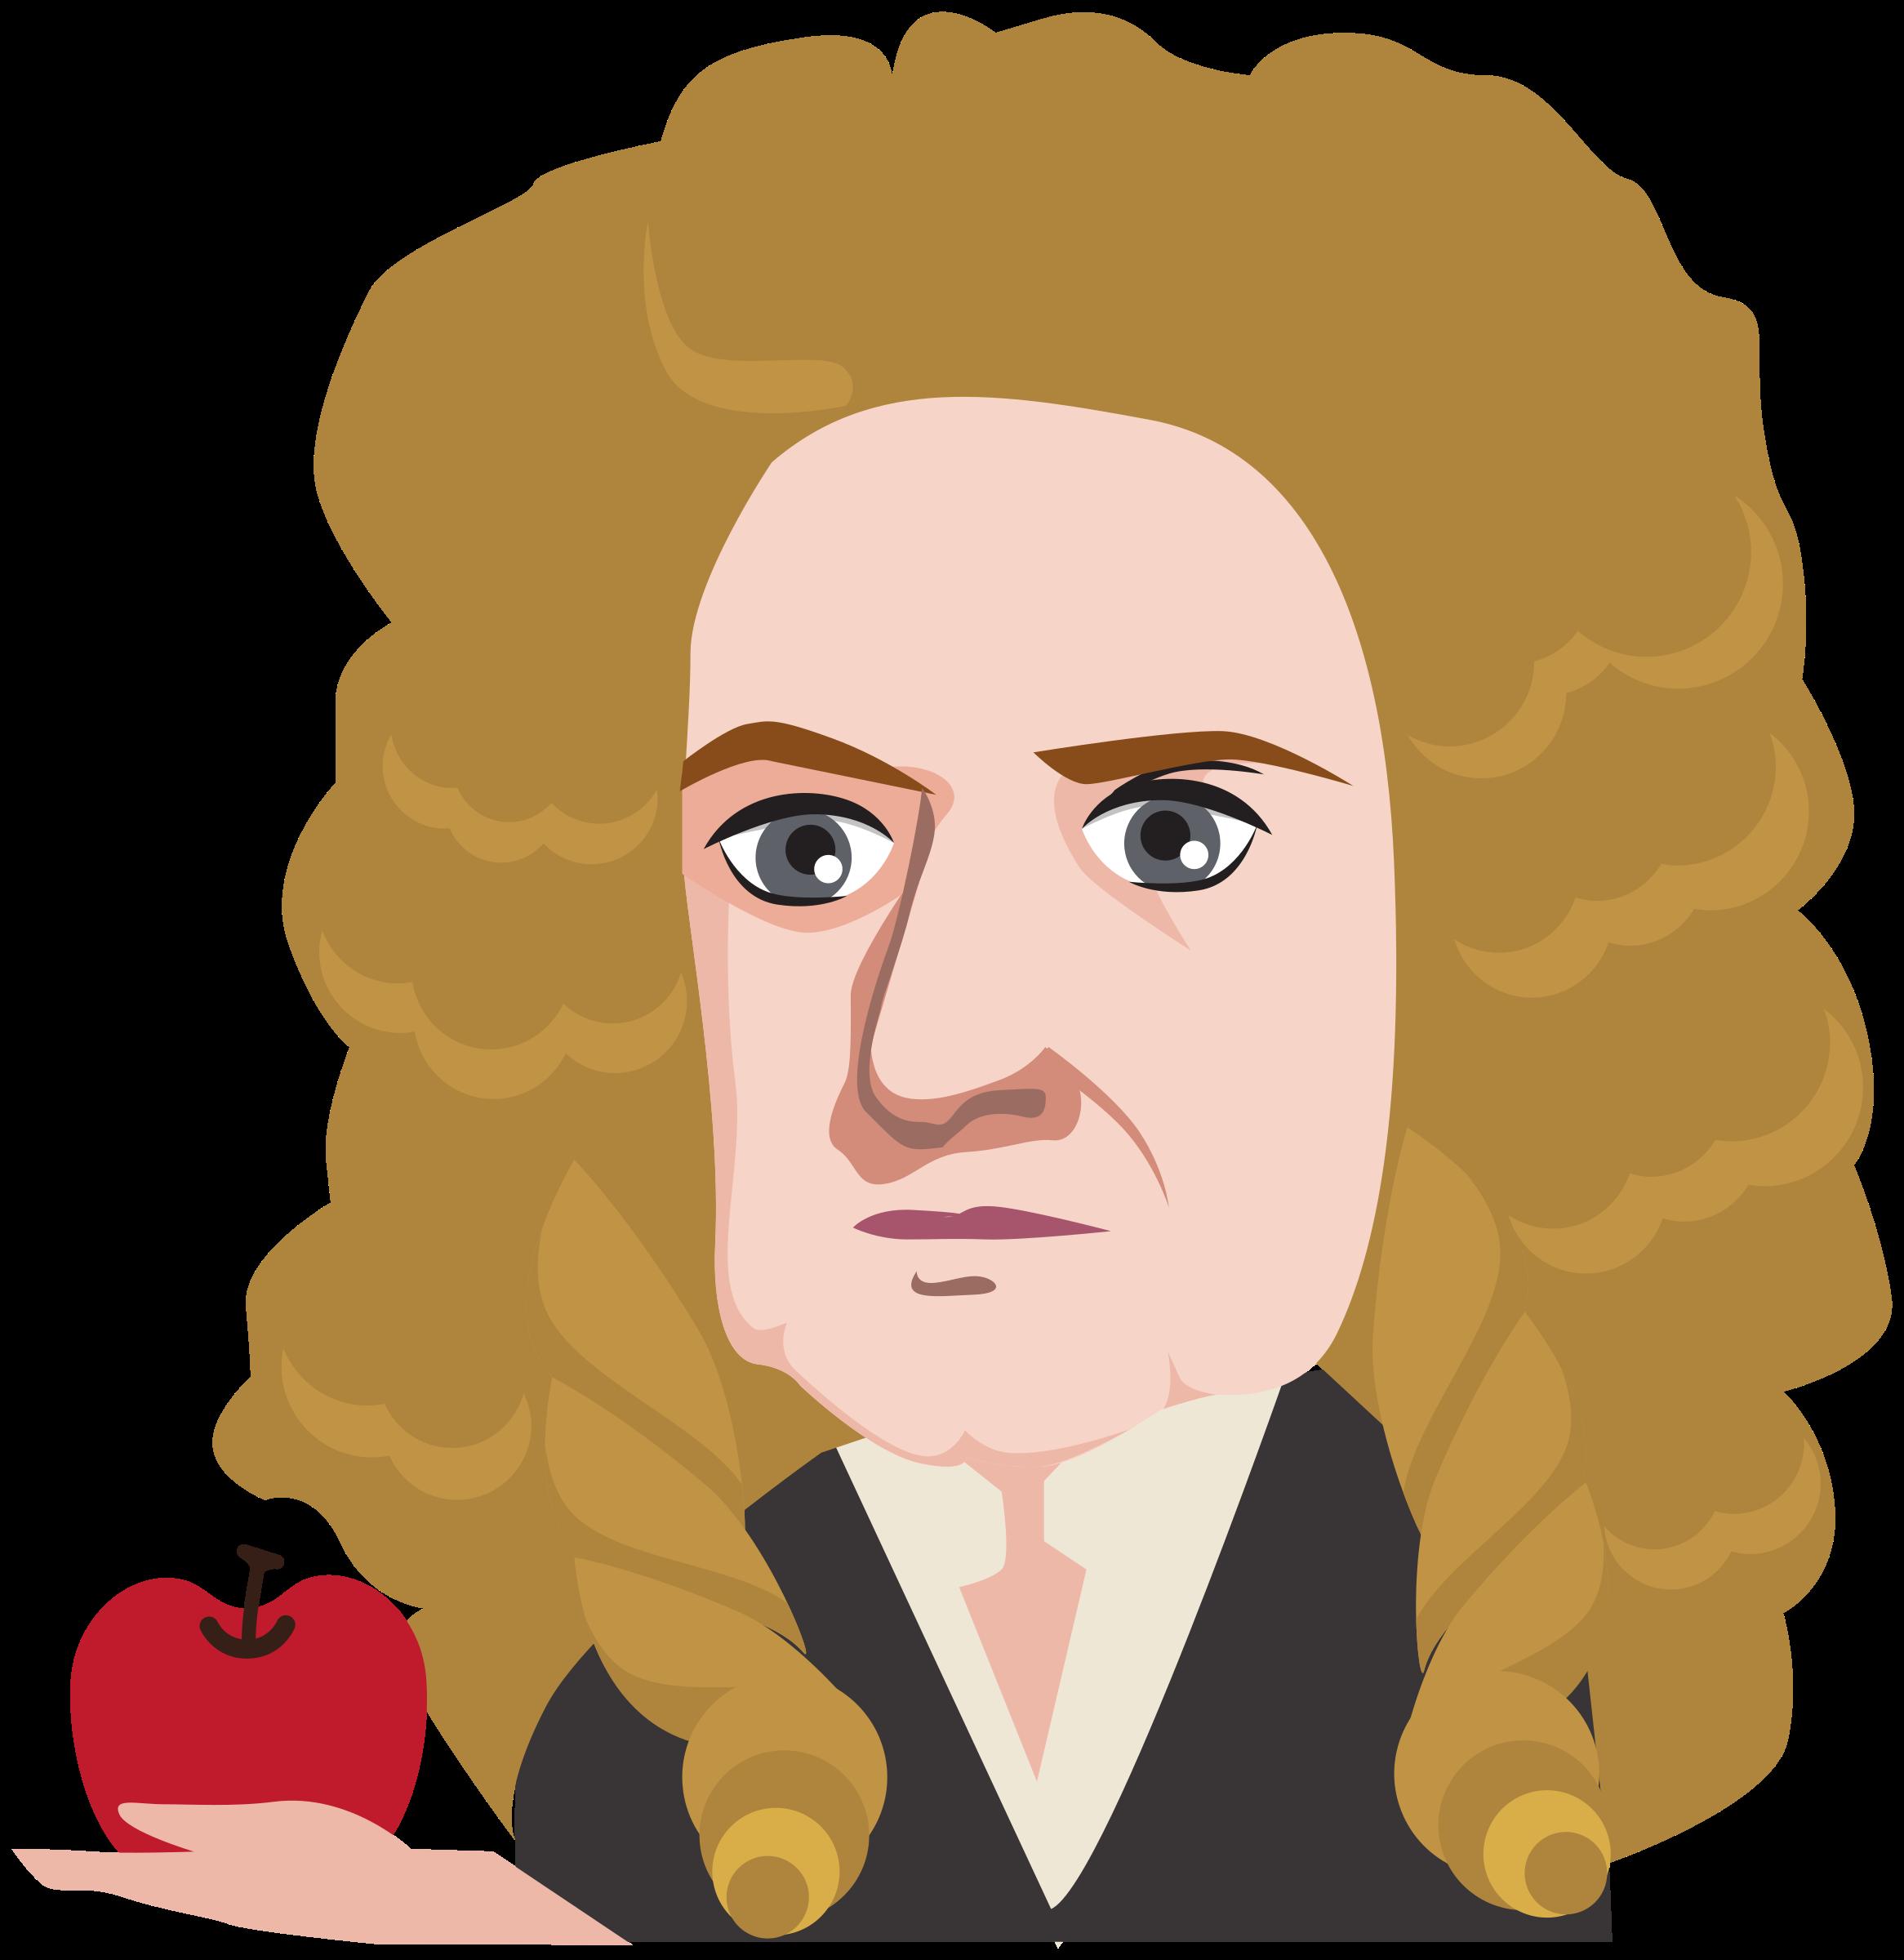 ニュートンさん